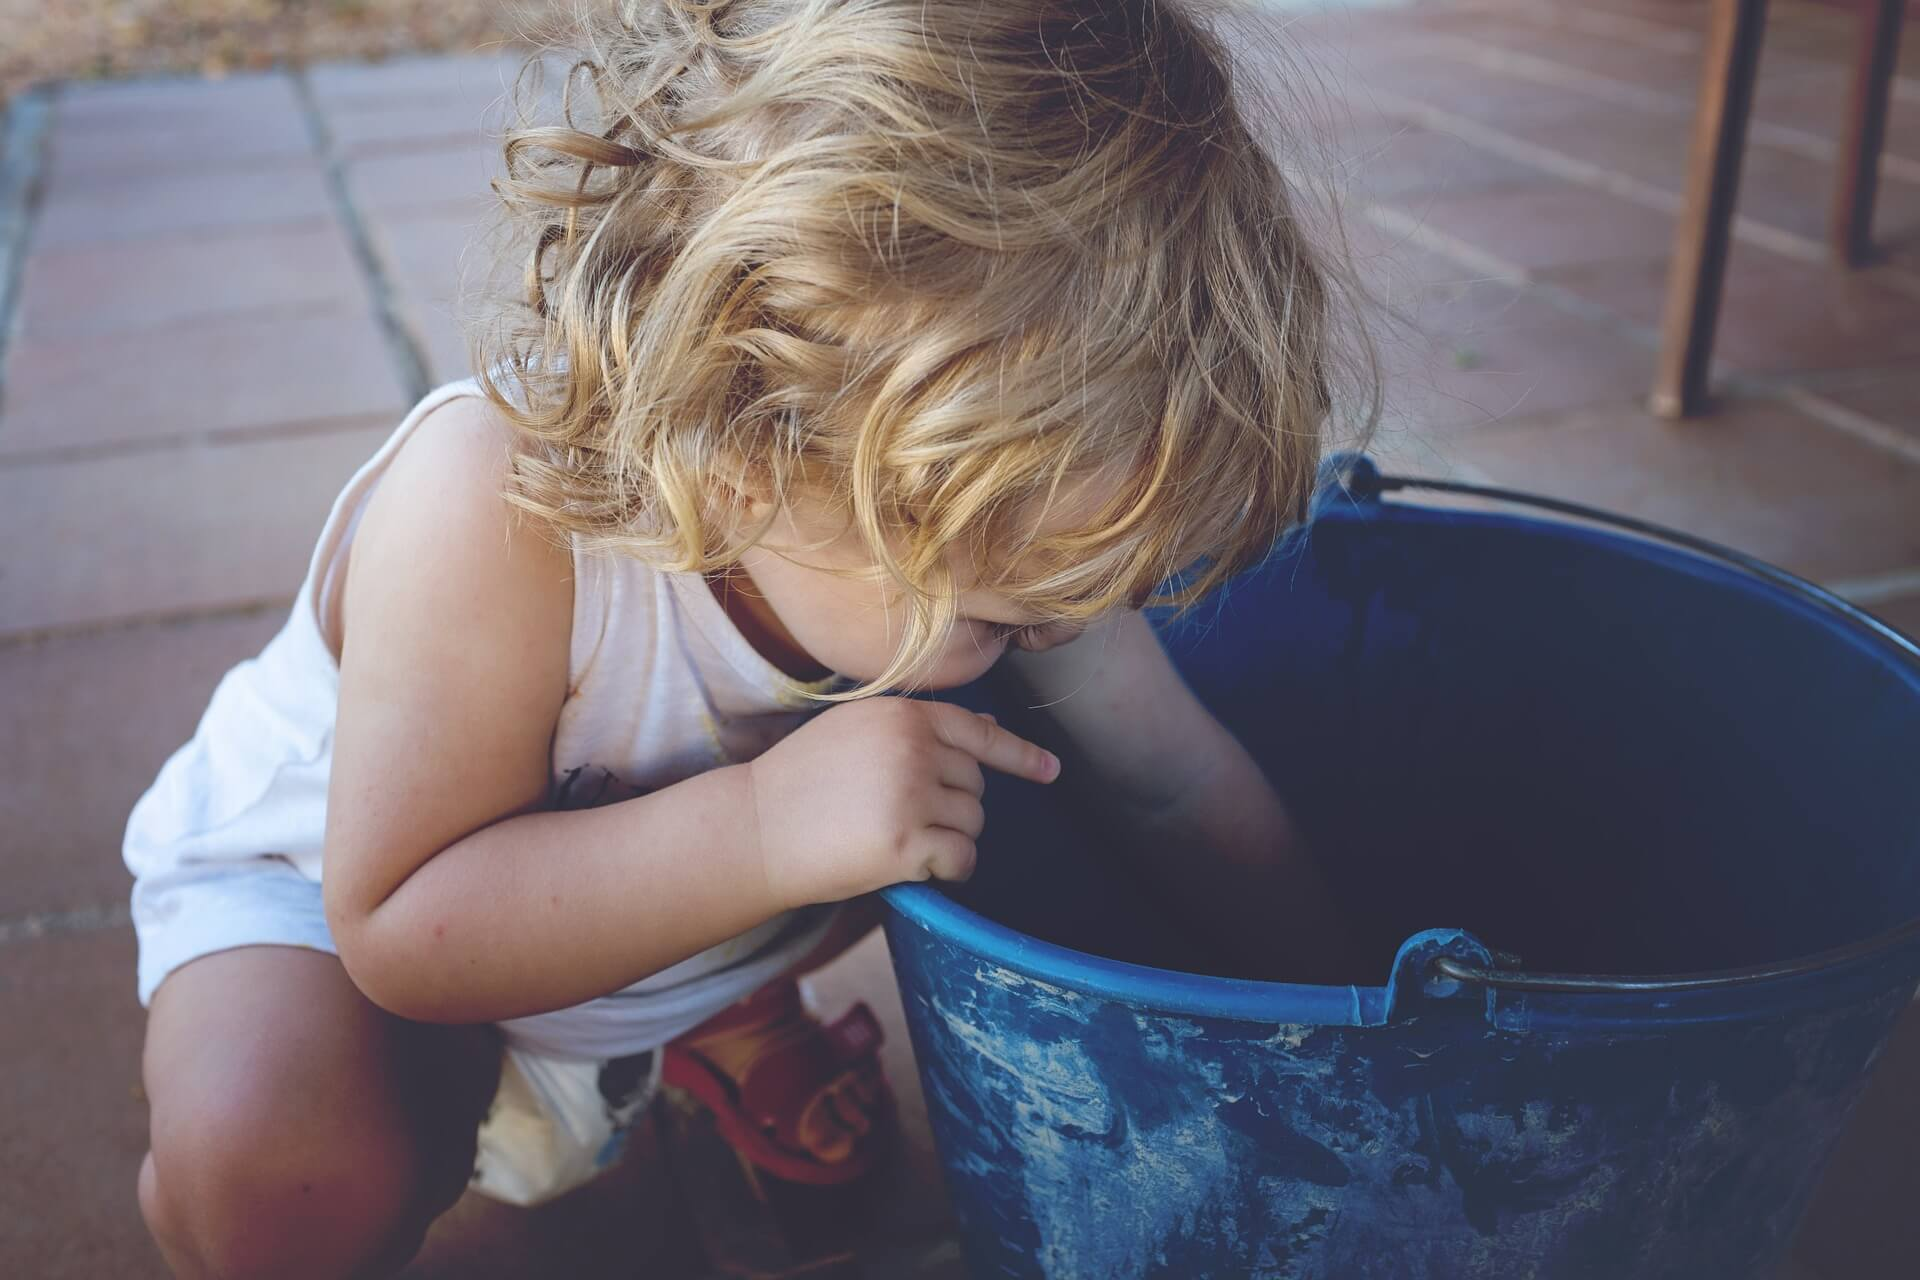 Criança loura a brincar com um balde azul sobre um pavimento de tijoleira.